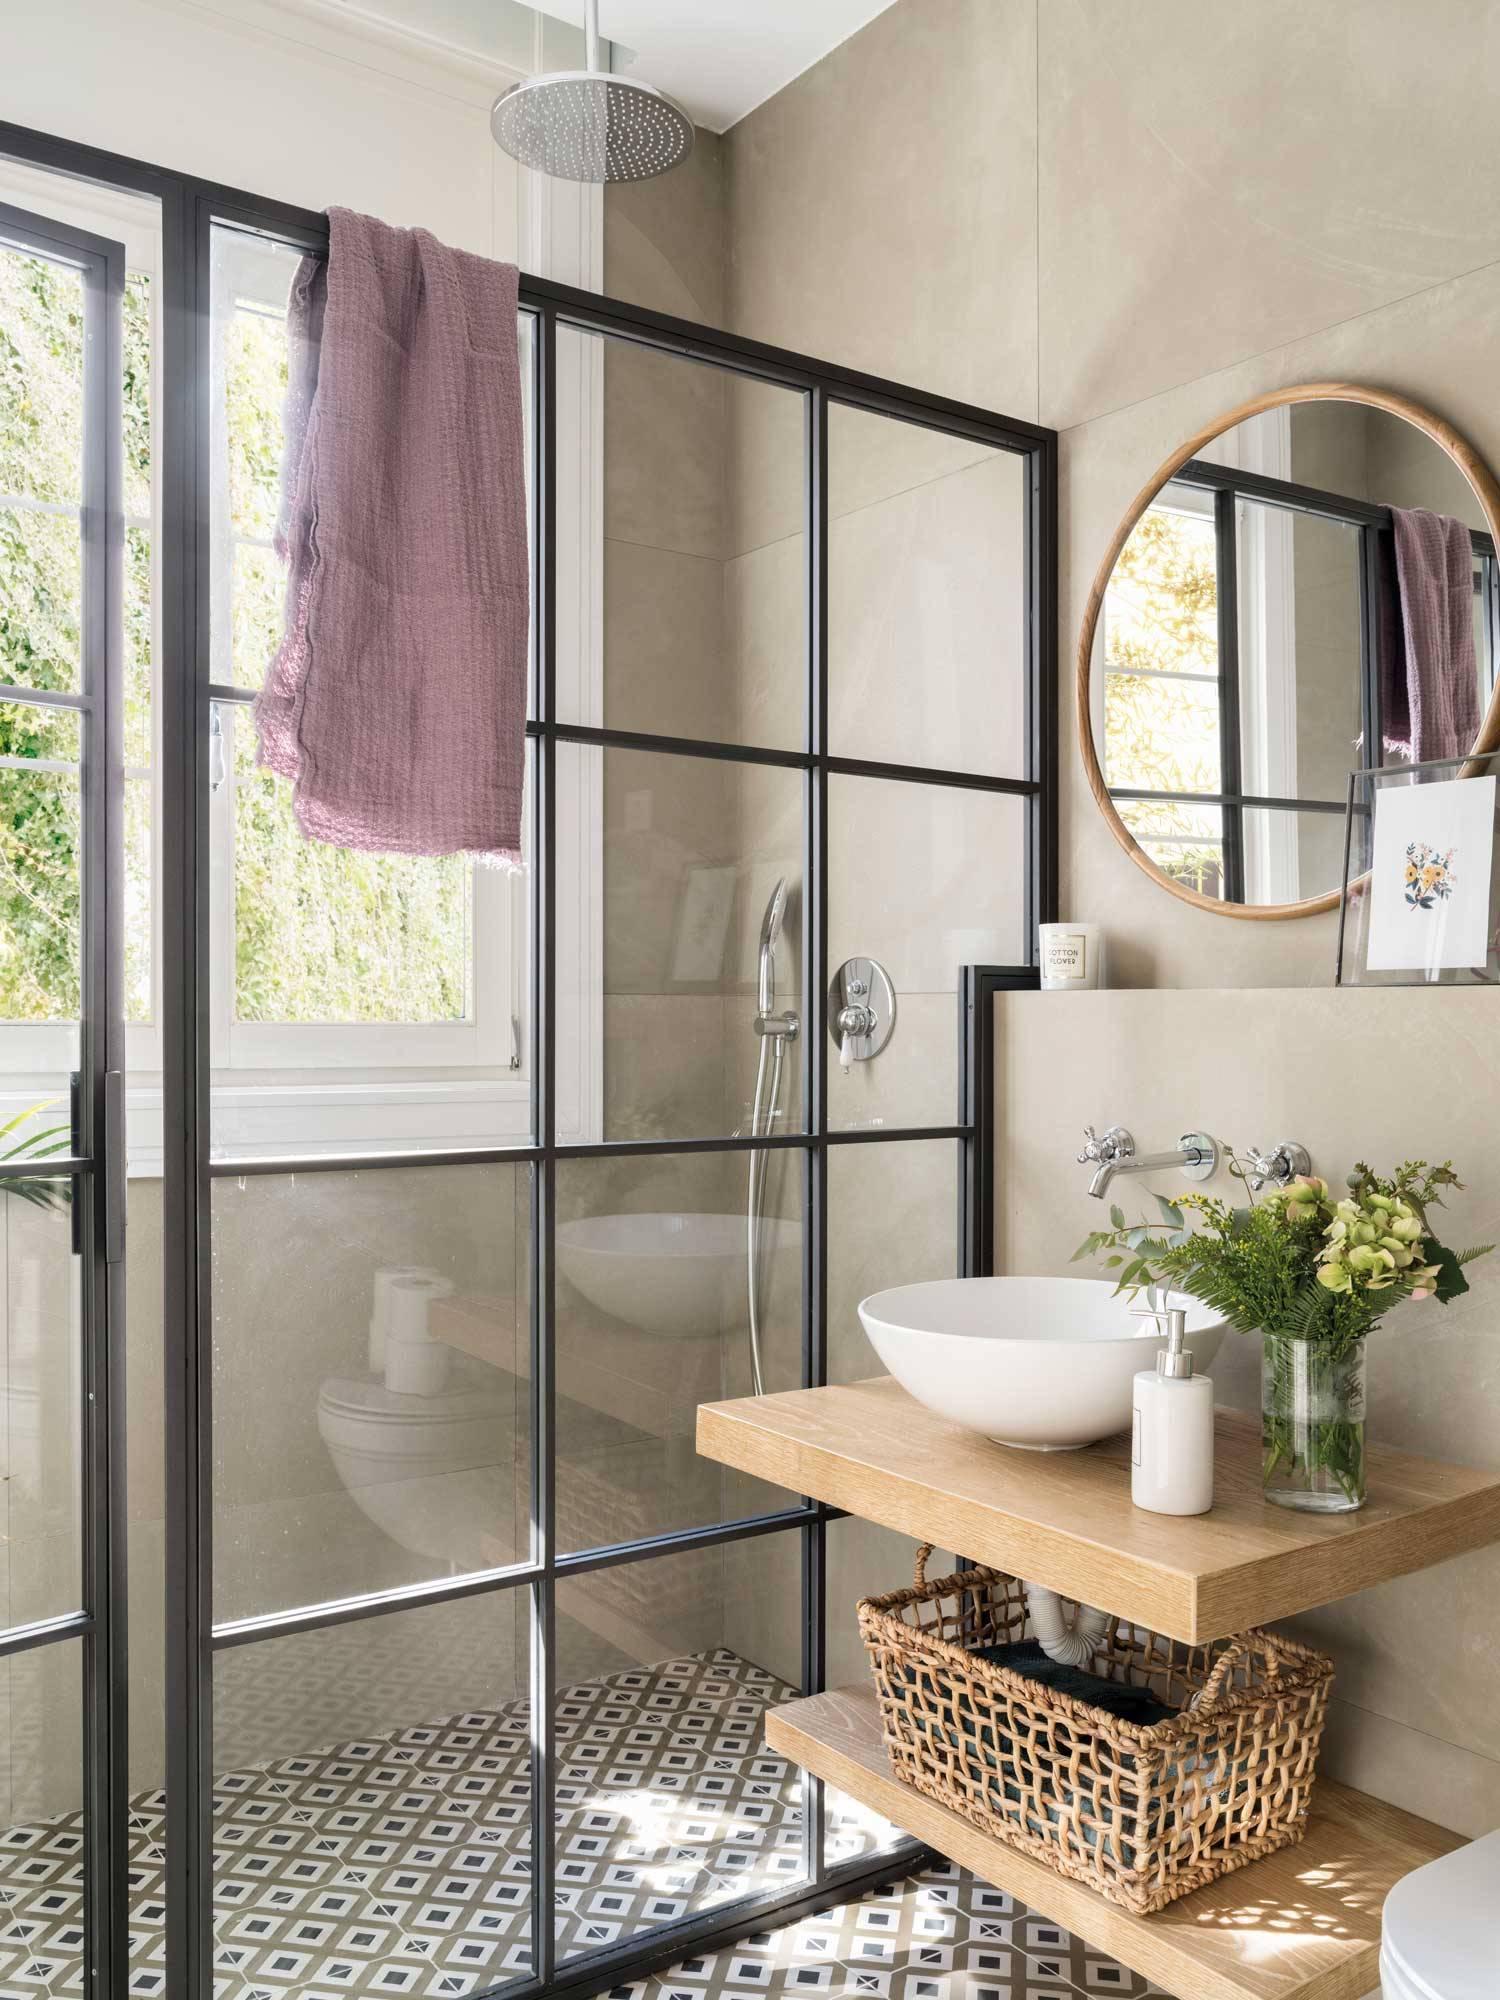 289 fotos de duchas - Mamparas para duchas fotos ...